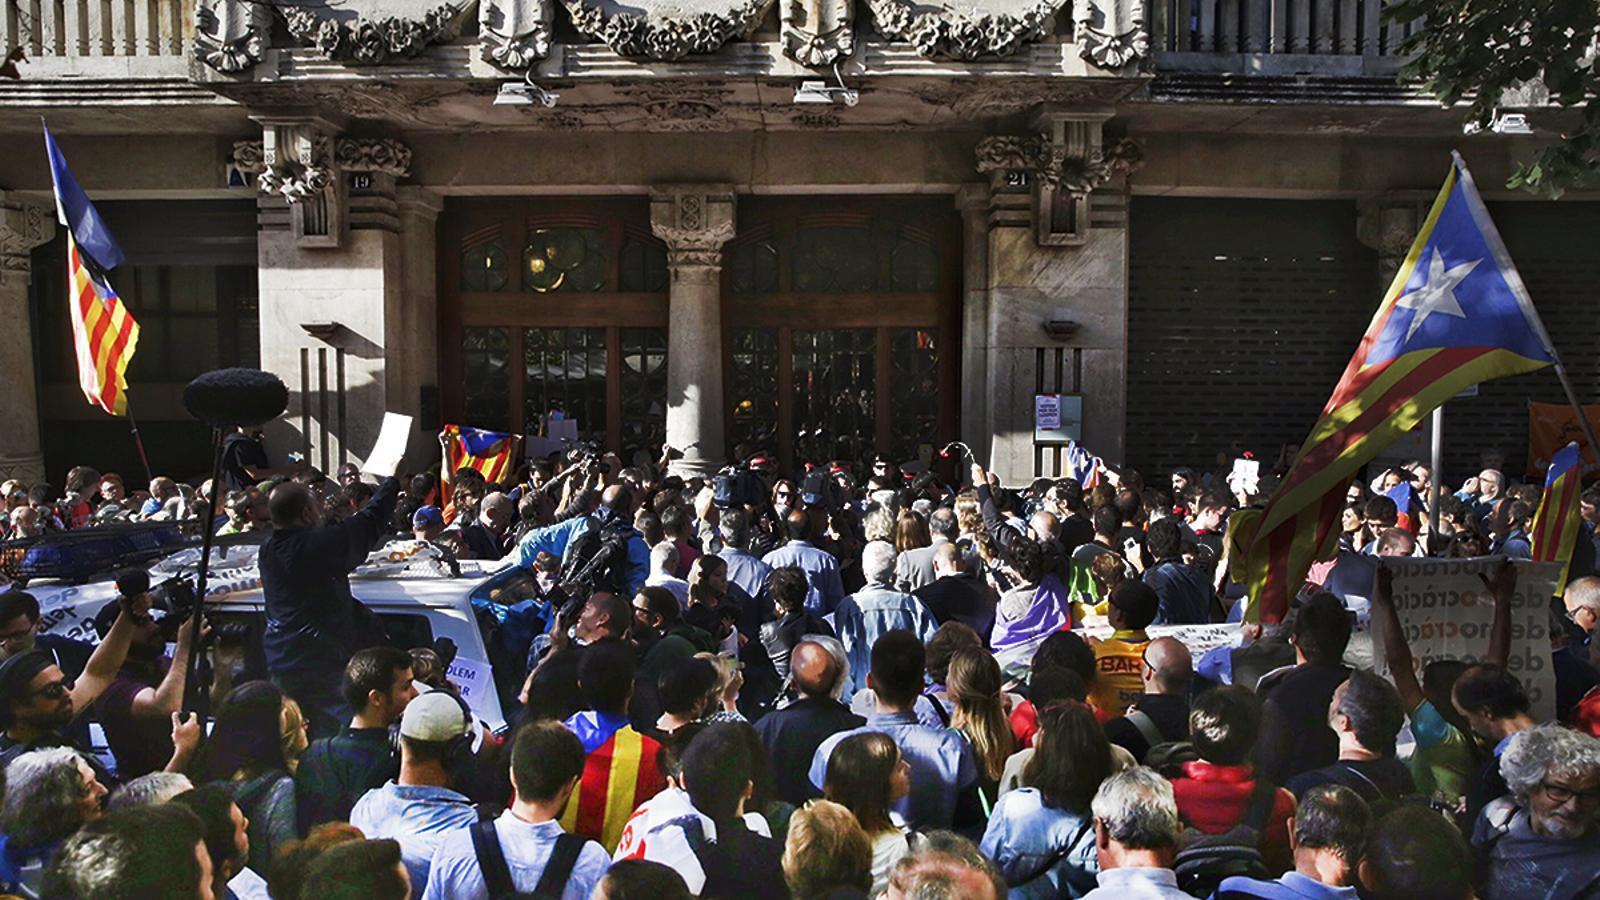 Concentración espontánea de ciudadanos frente a la 'conselleria' de Economía durante la operación de la Guardia Civil contra el 1-O / PERE VIRGILI